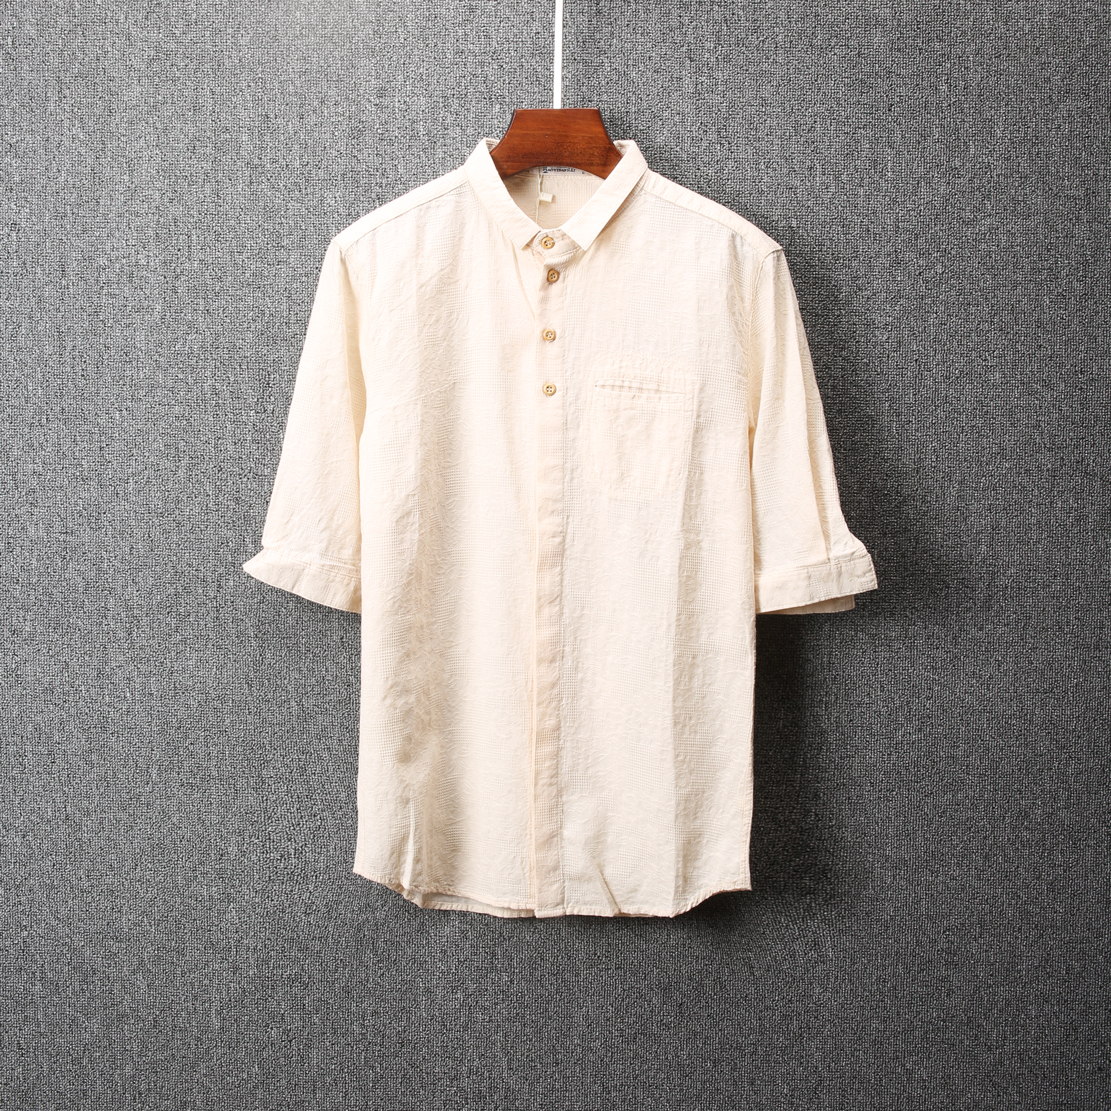 男衬衫 2017夏季新款男士潮流短袖衬衫修身青年薄款翻领衬衣休闲寸衫1536_推荐淘宝好看的男衬衫